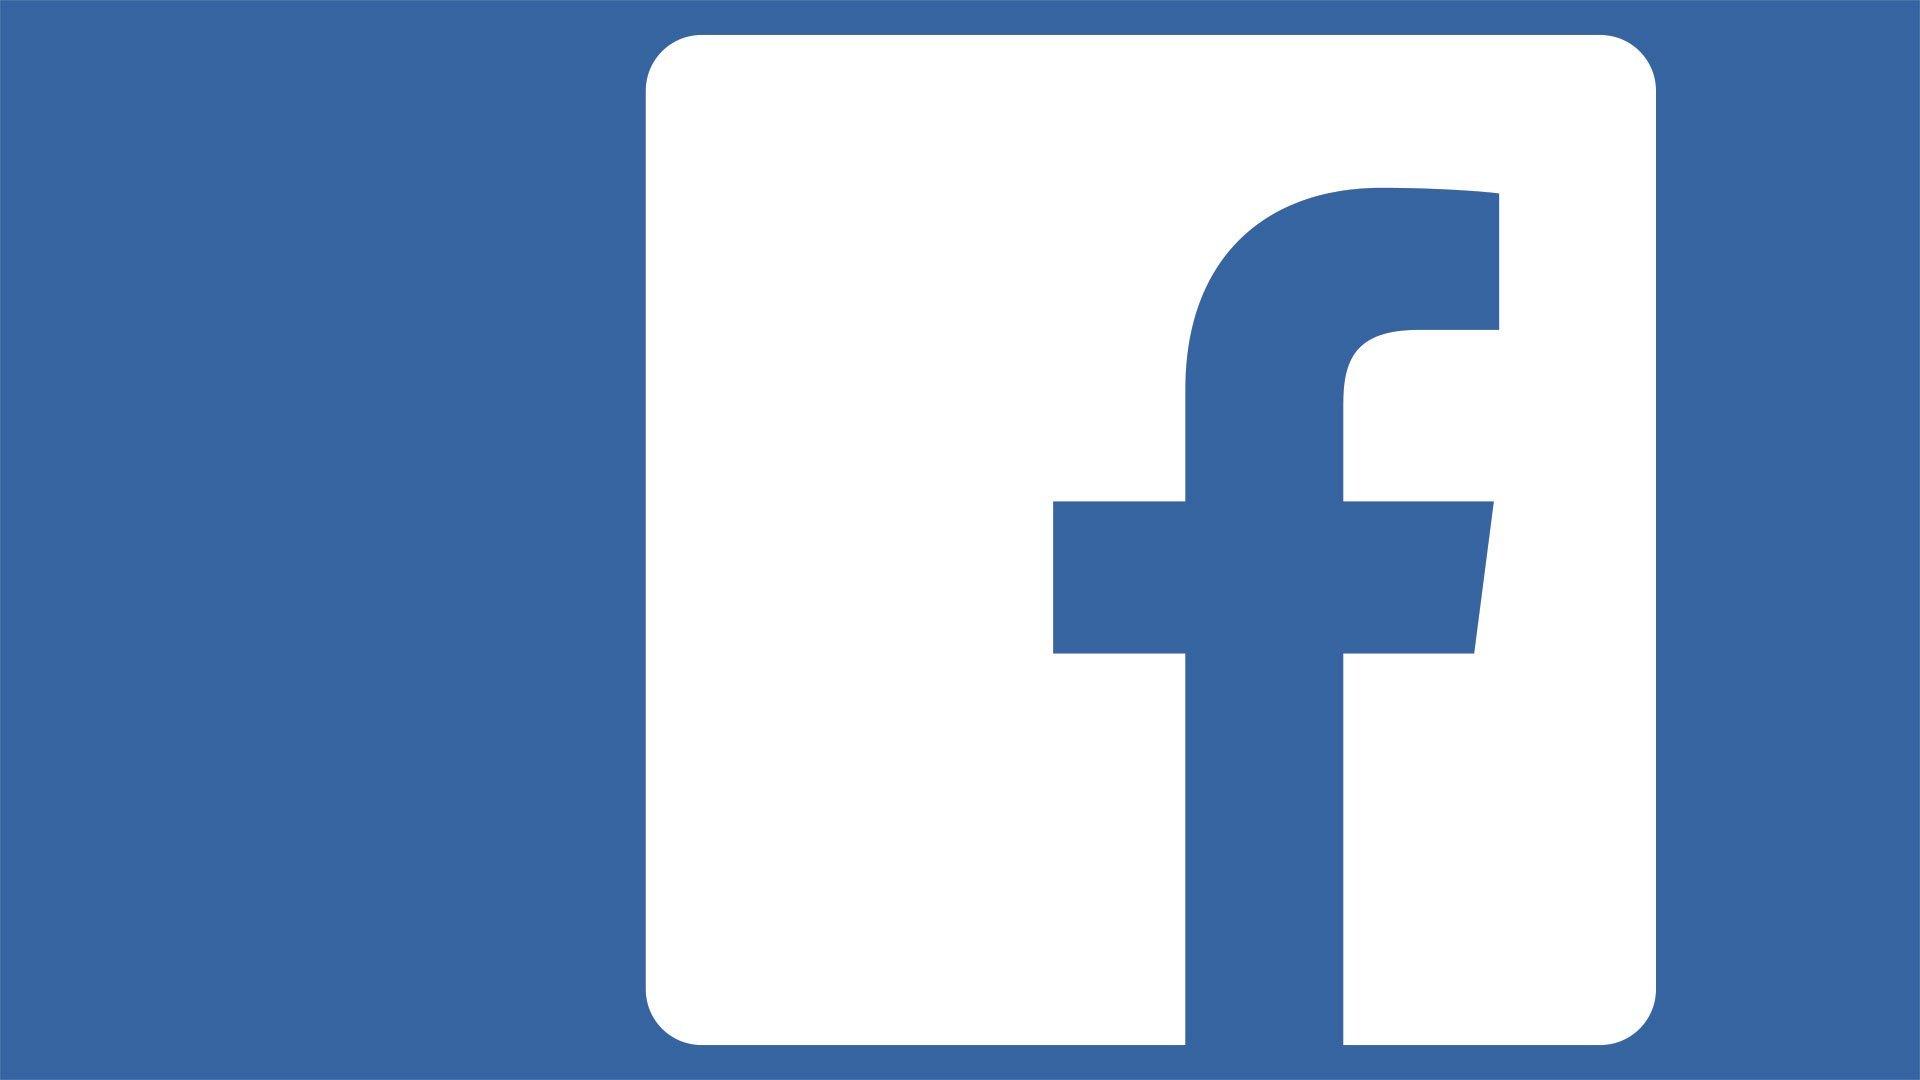 Weshalb Facebooks KI das Christchurch-Massaker nicht meldete